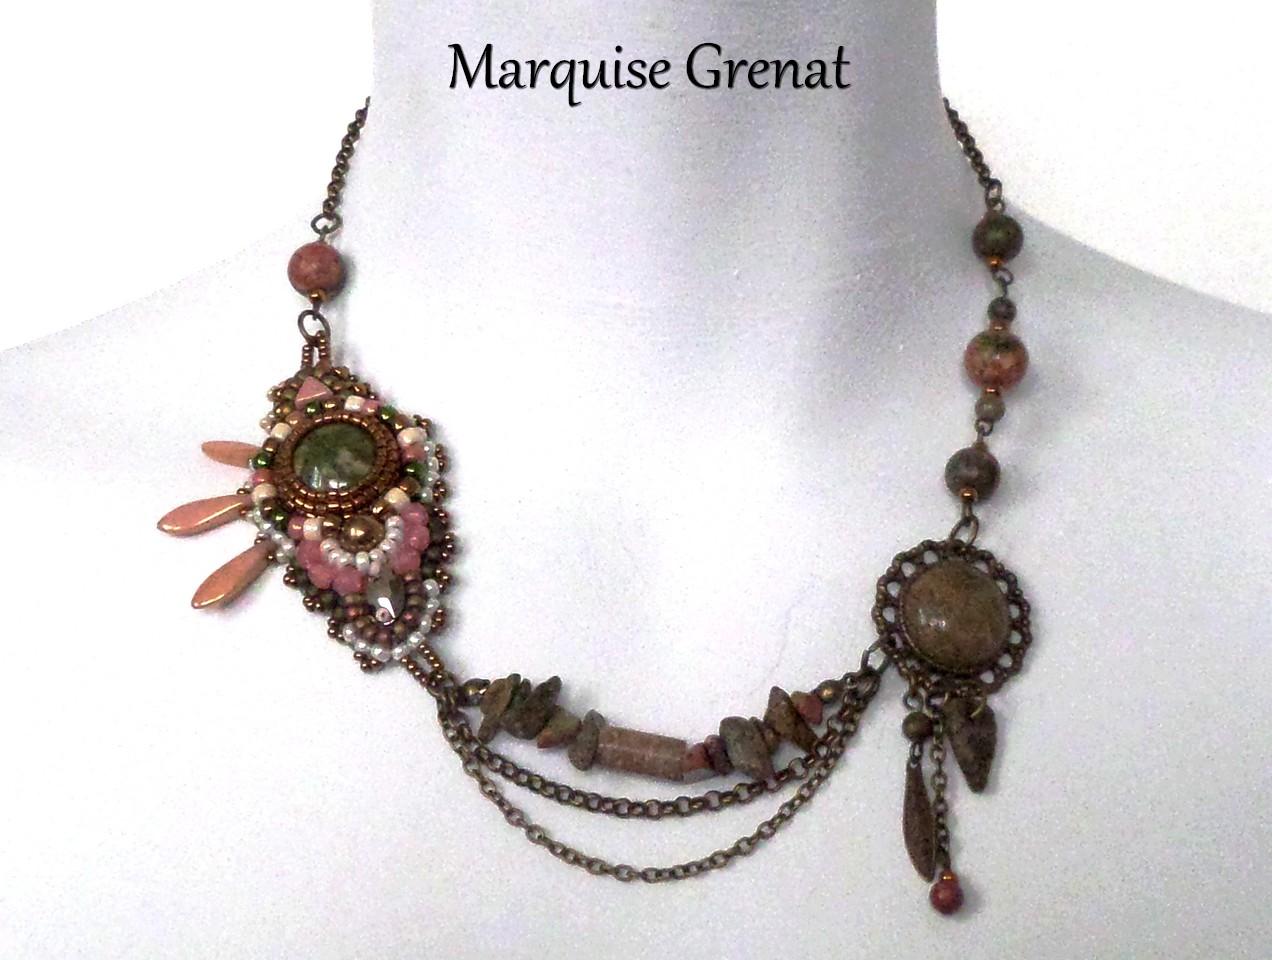 22ee7d5edaa Collier fantaisie de créateur - Marquise Grenat - Bijoux créateur ...